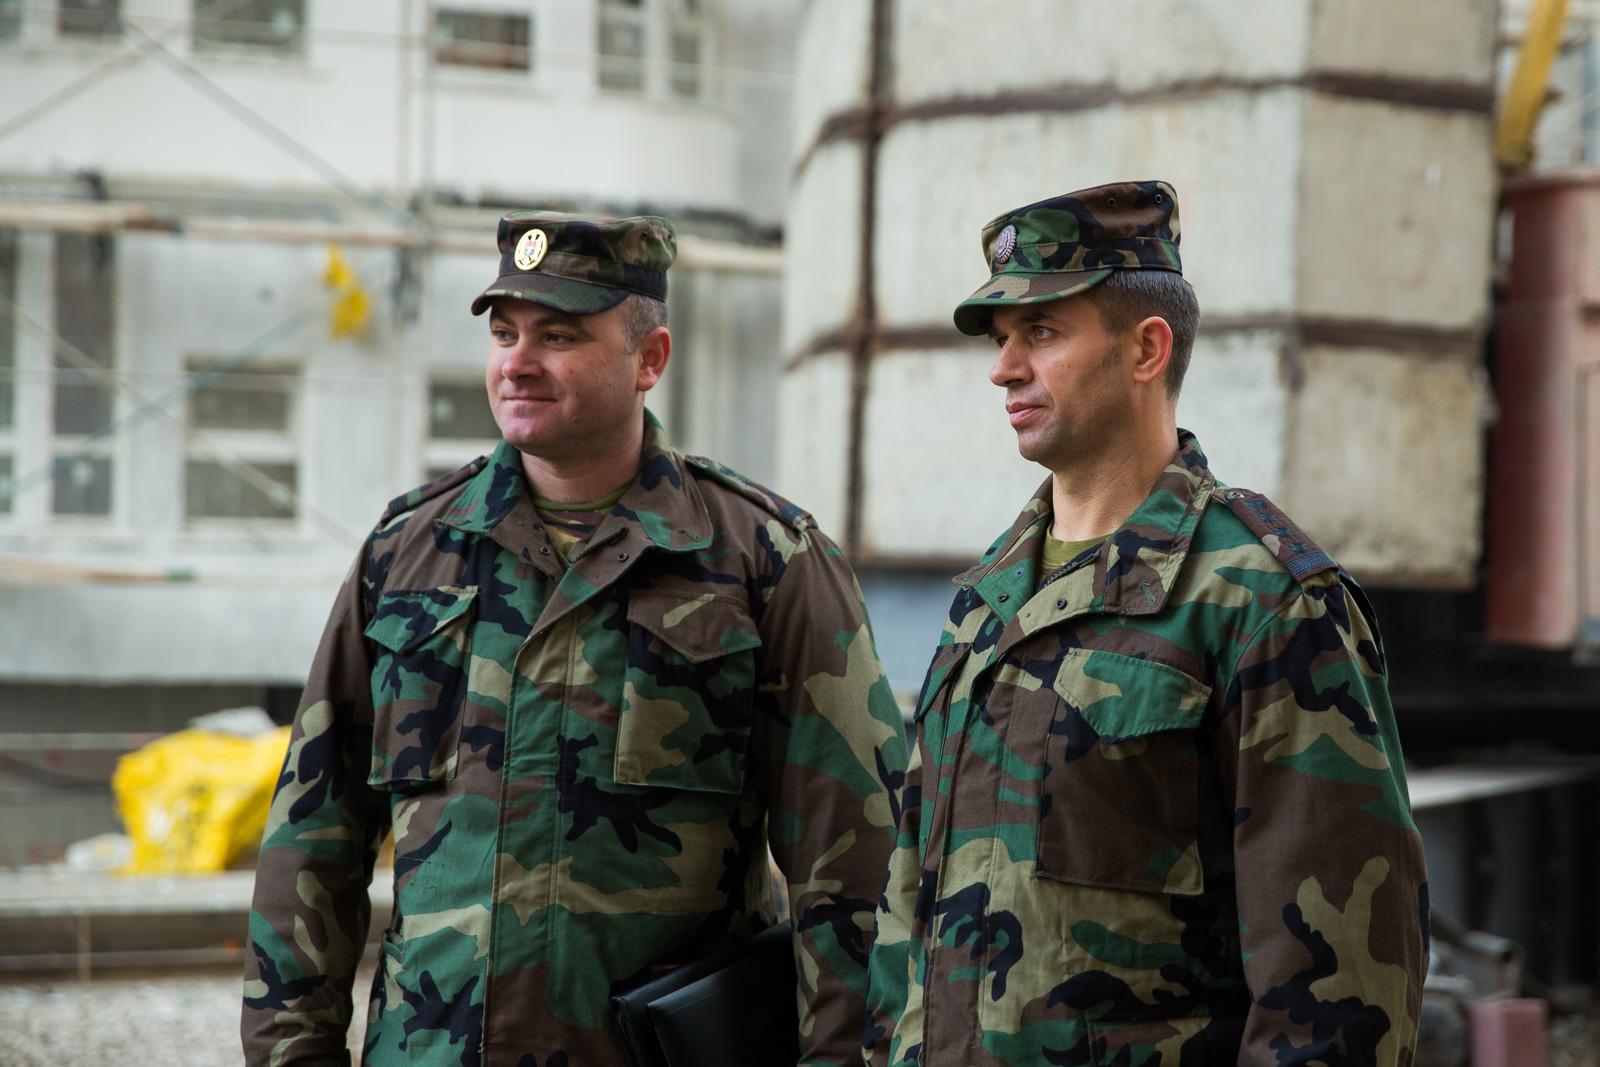 335 de militari prin contract vor primi apartamente de serviciu (FOTO)